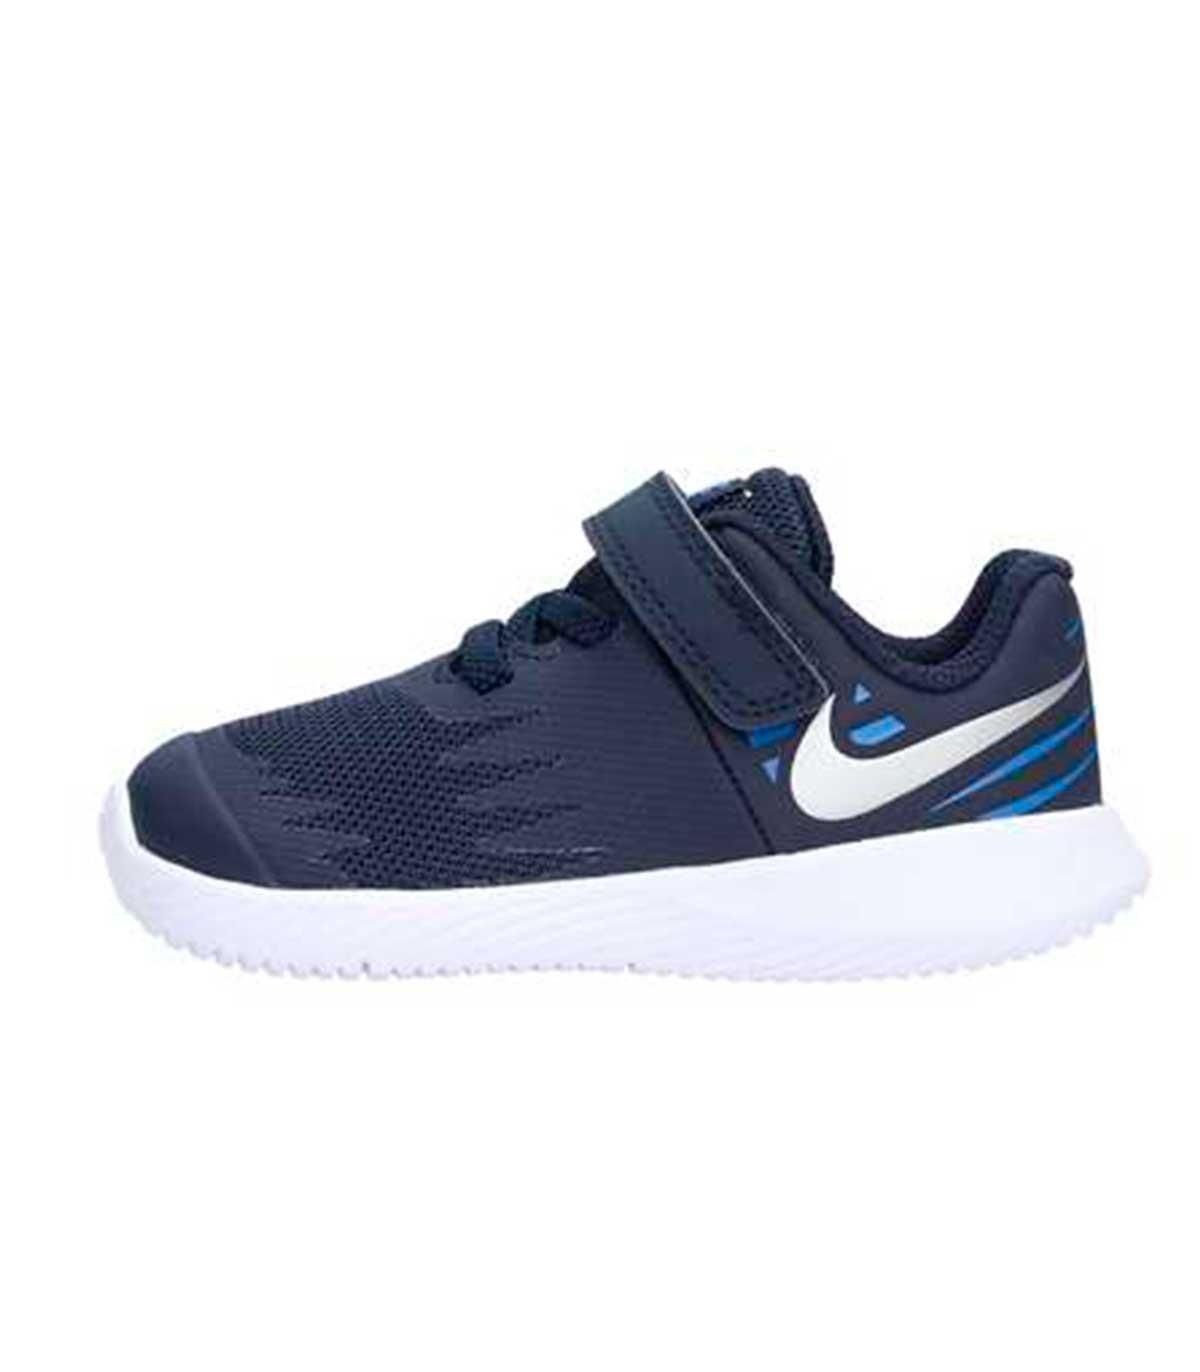 597aa66a05e Comprar Zapatillas Nike Star Runner